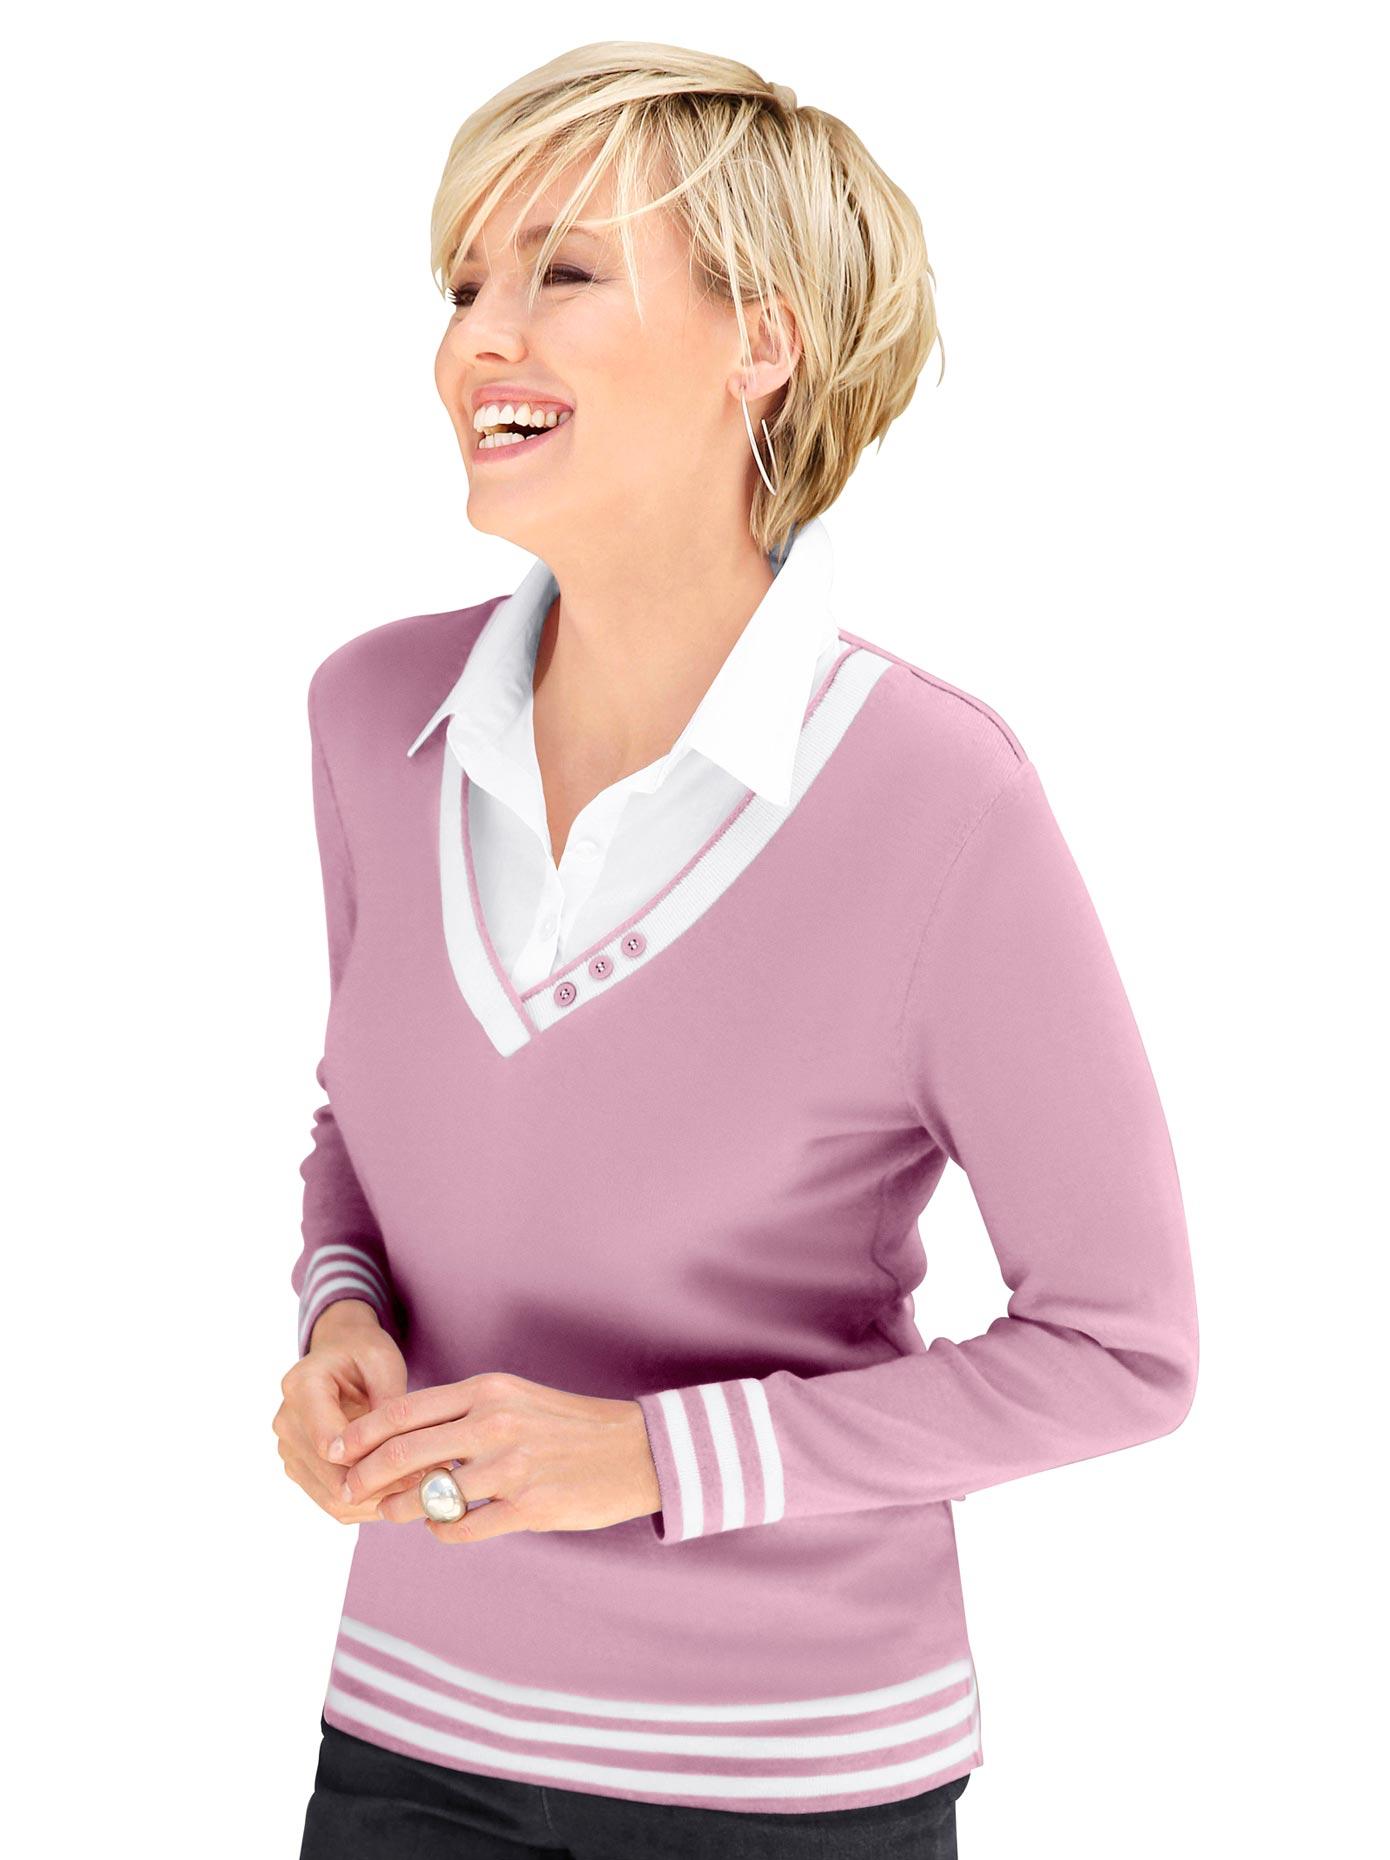 Image of Casual Looks 2-in-1-Pullover mit Zierknöpfen am V-Ausschnitt